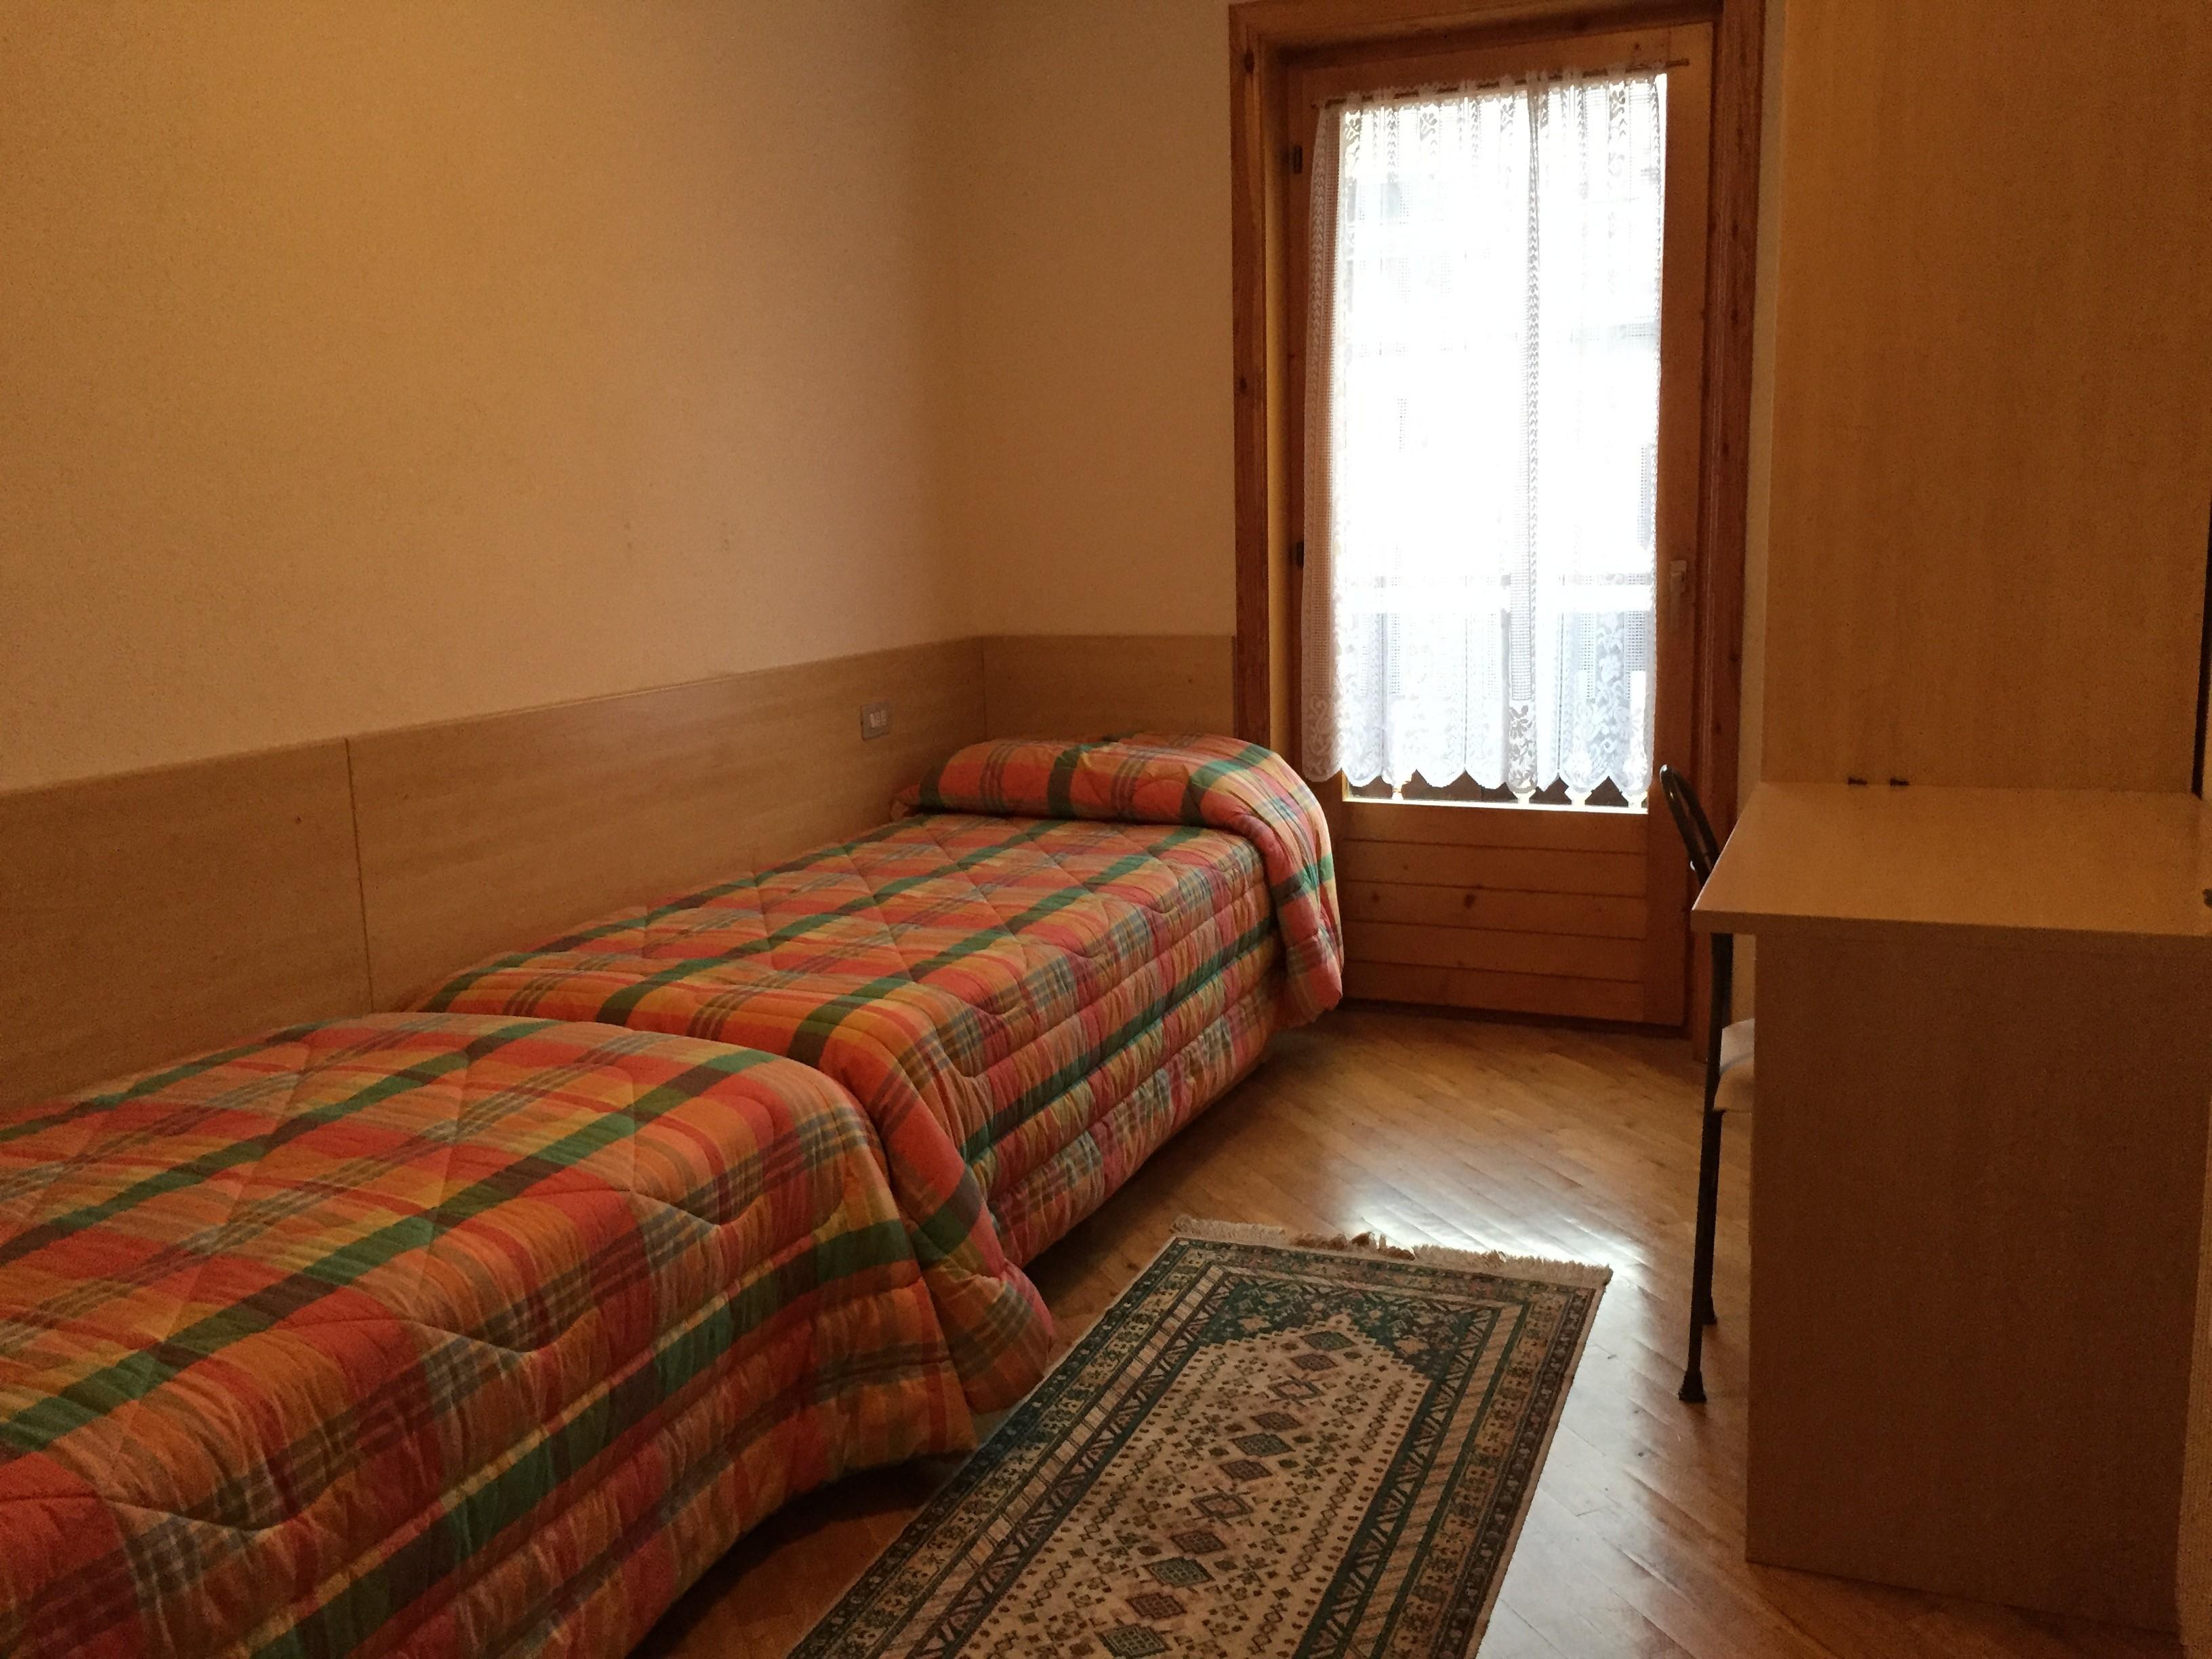 immobiliare Abita trilocale in vendita camera doppia